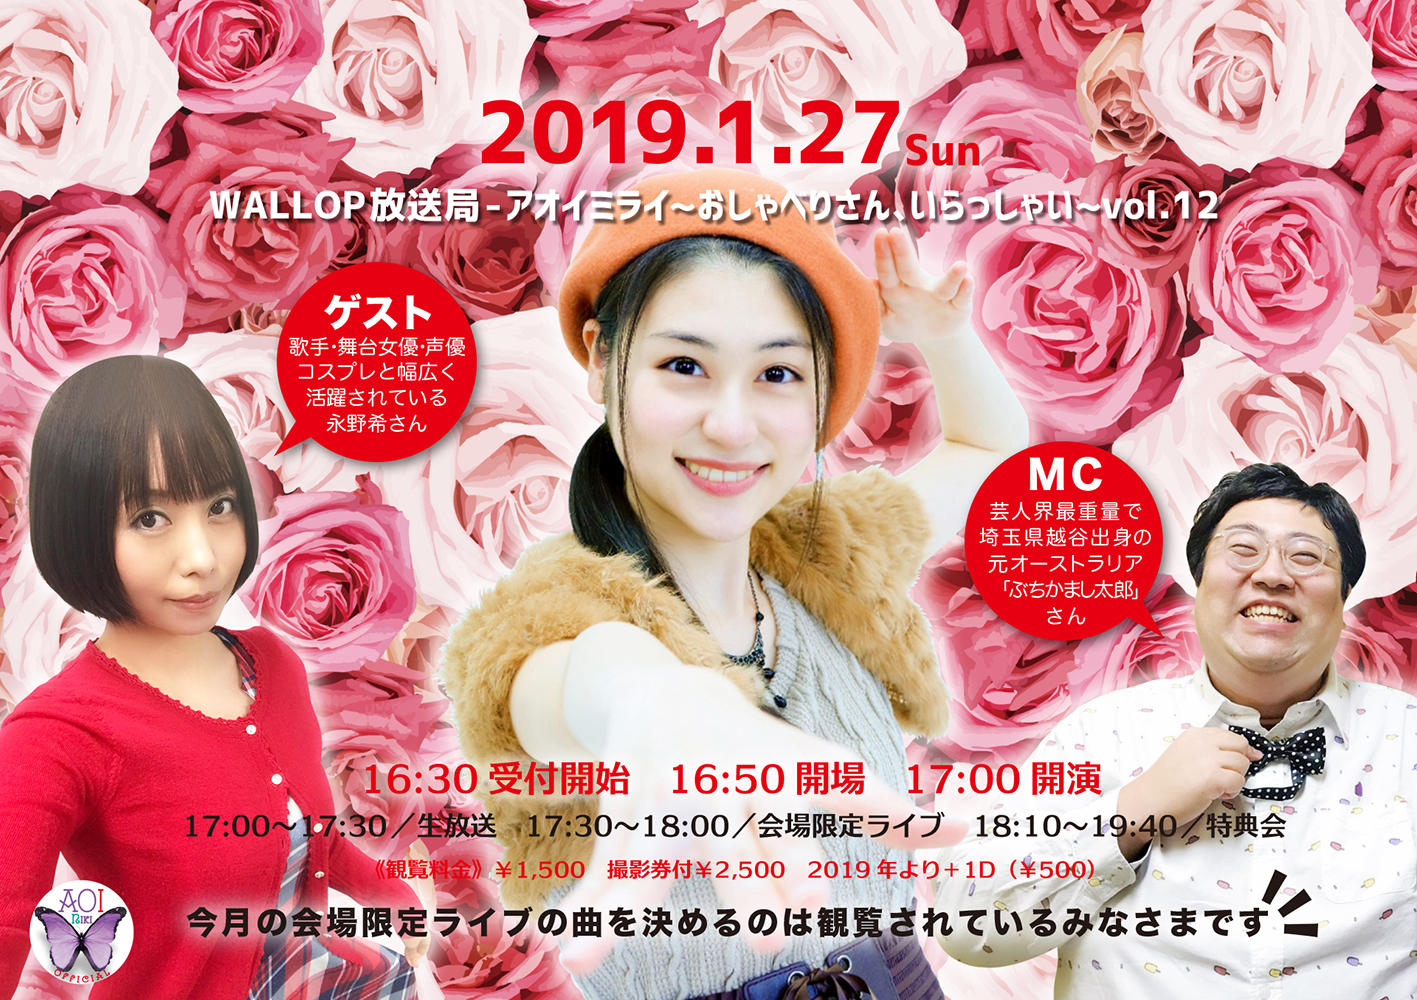 1/27(日)WALLOP「アオイミライ」〜おしゃべりさん、いらっしゃい〜vol.12